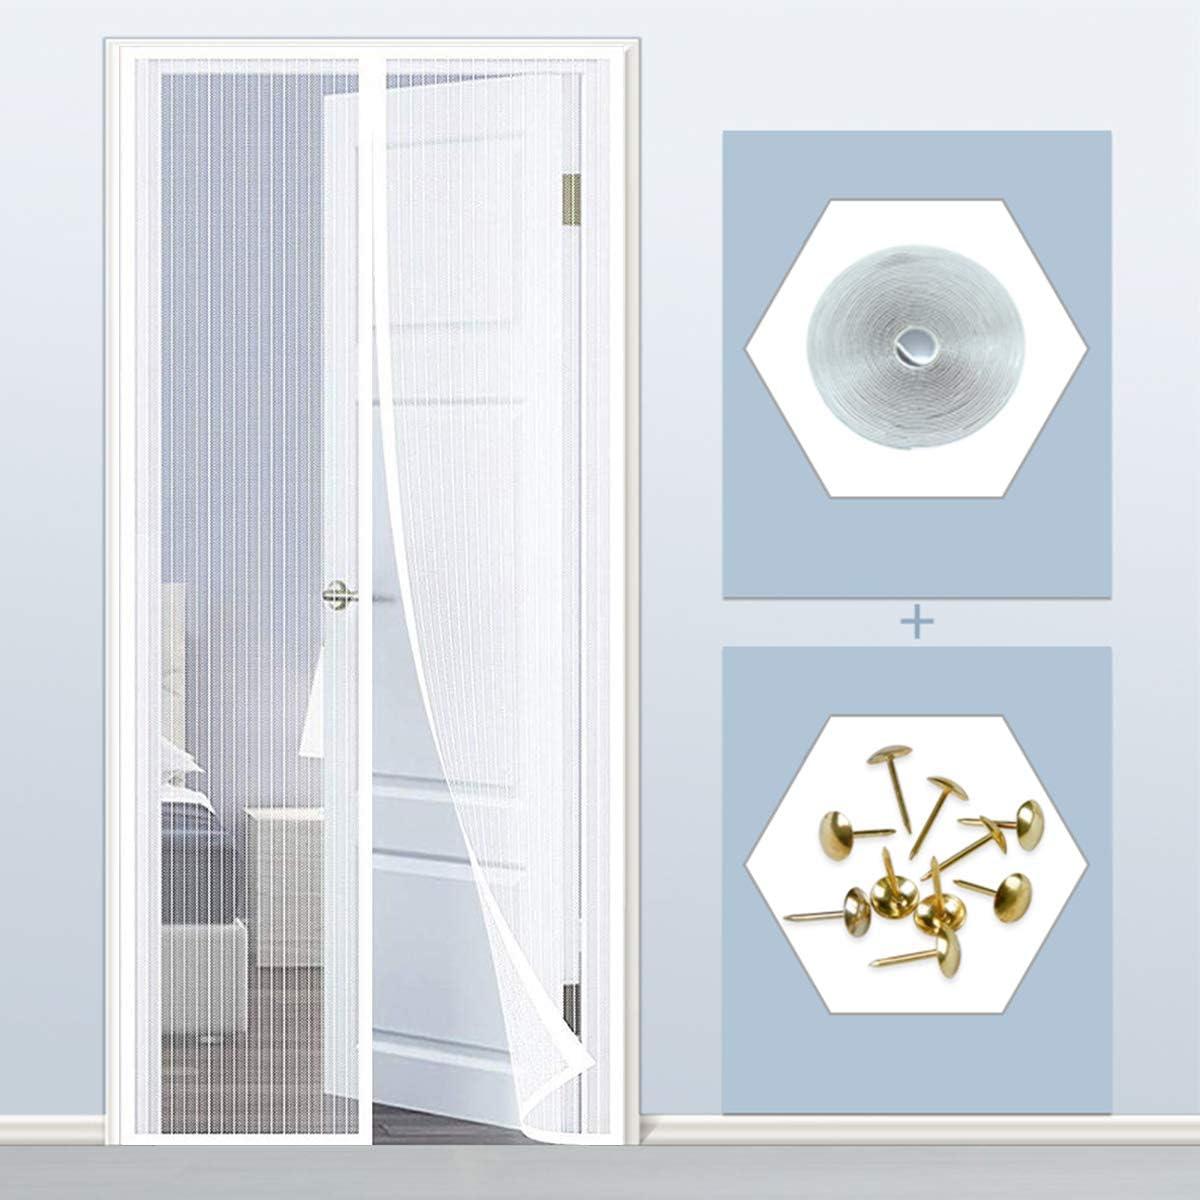 THAIKER Mosquitera Imanes Magnetica, 80x210cm(31x83inch) Mosquiteras para Puertas Magnética Automático con Durable para Puertas Correderas, Blanco A: Amazon.es: Hogar